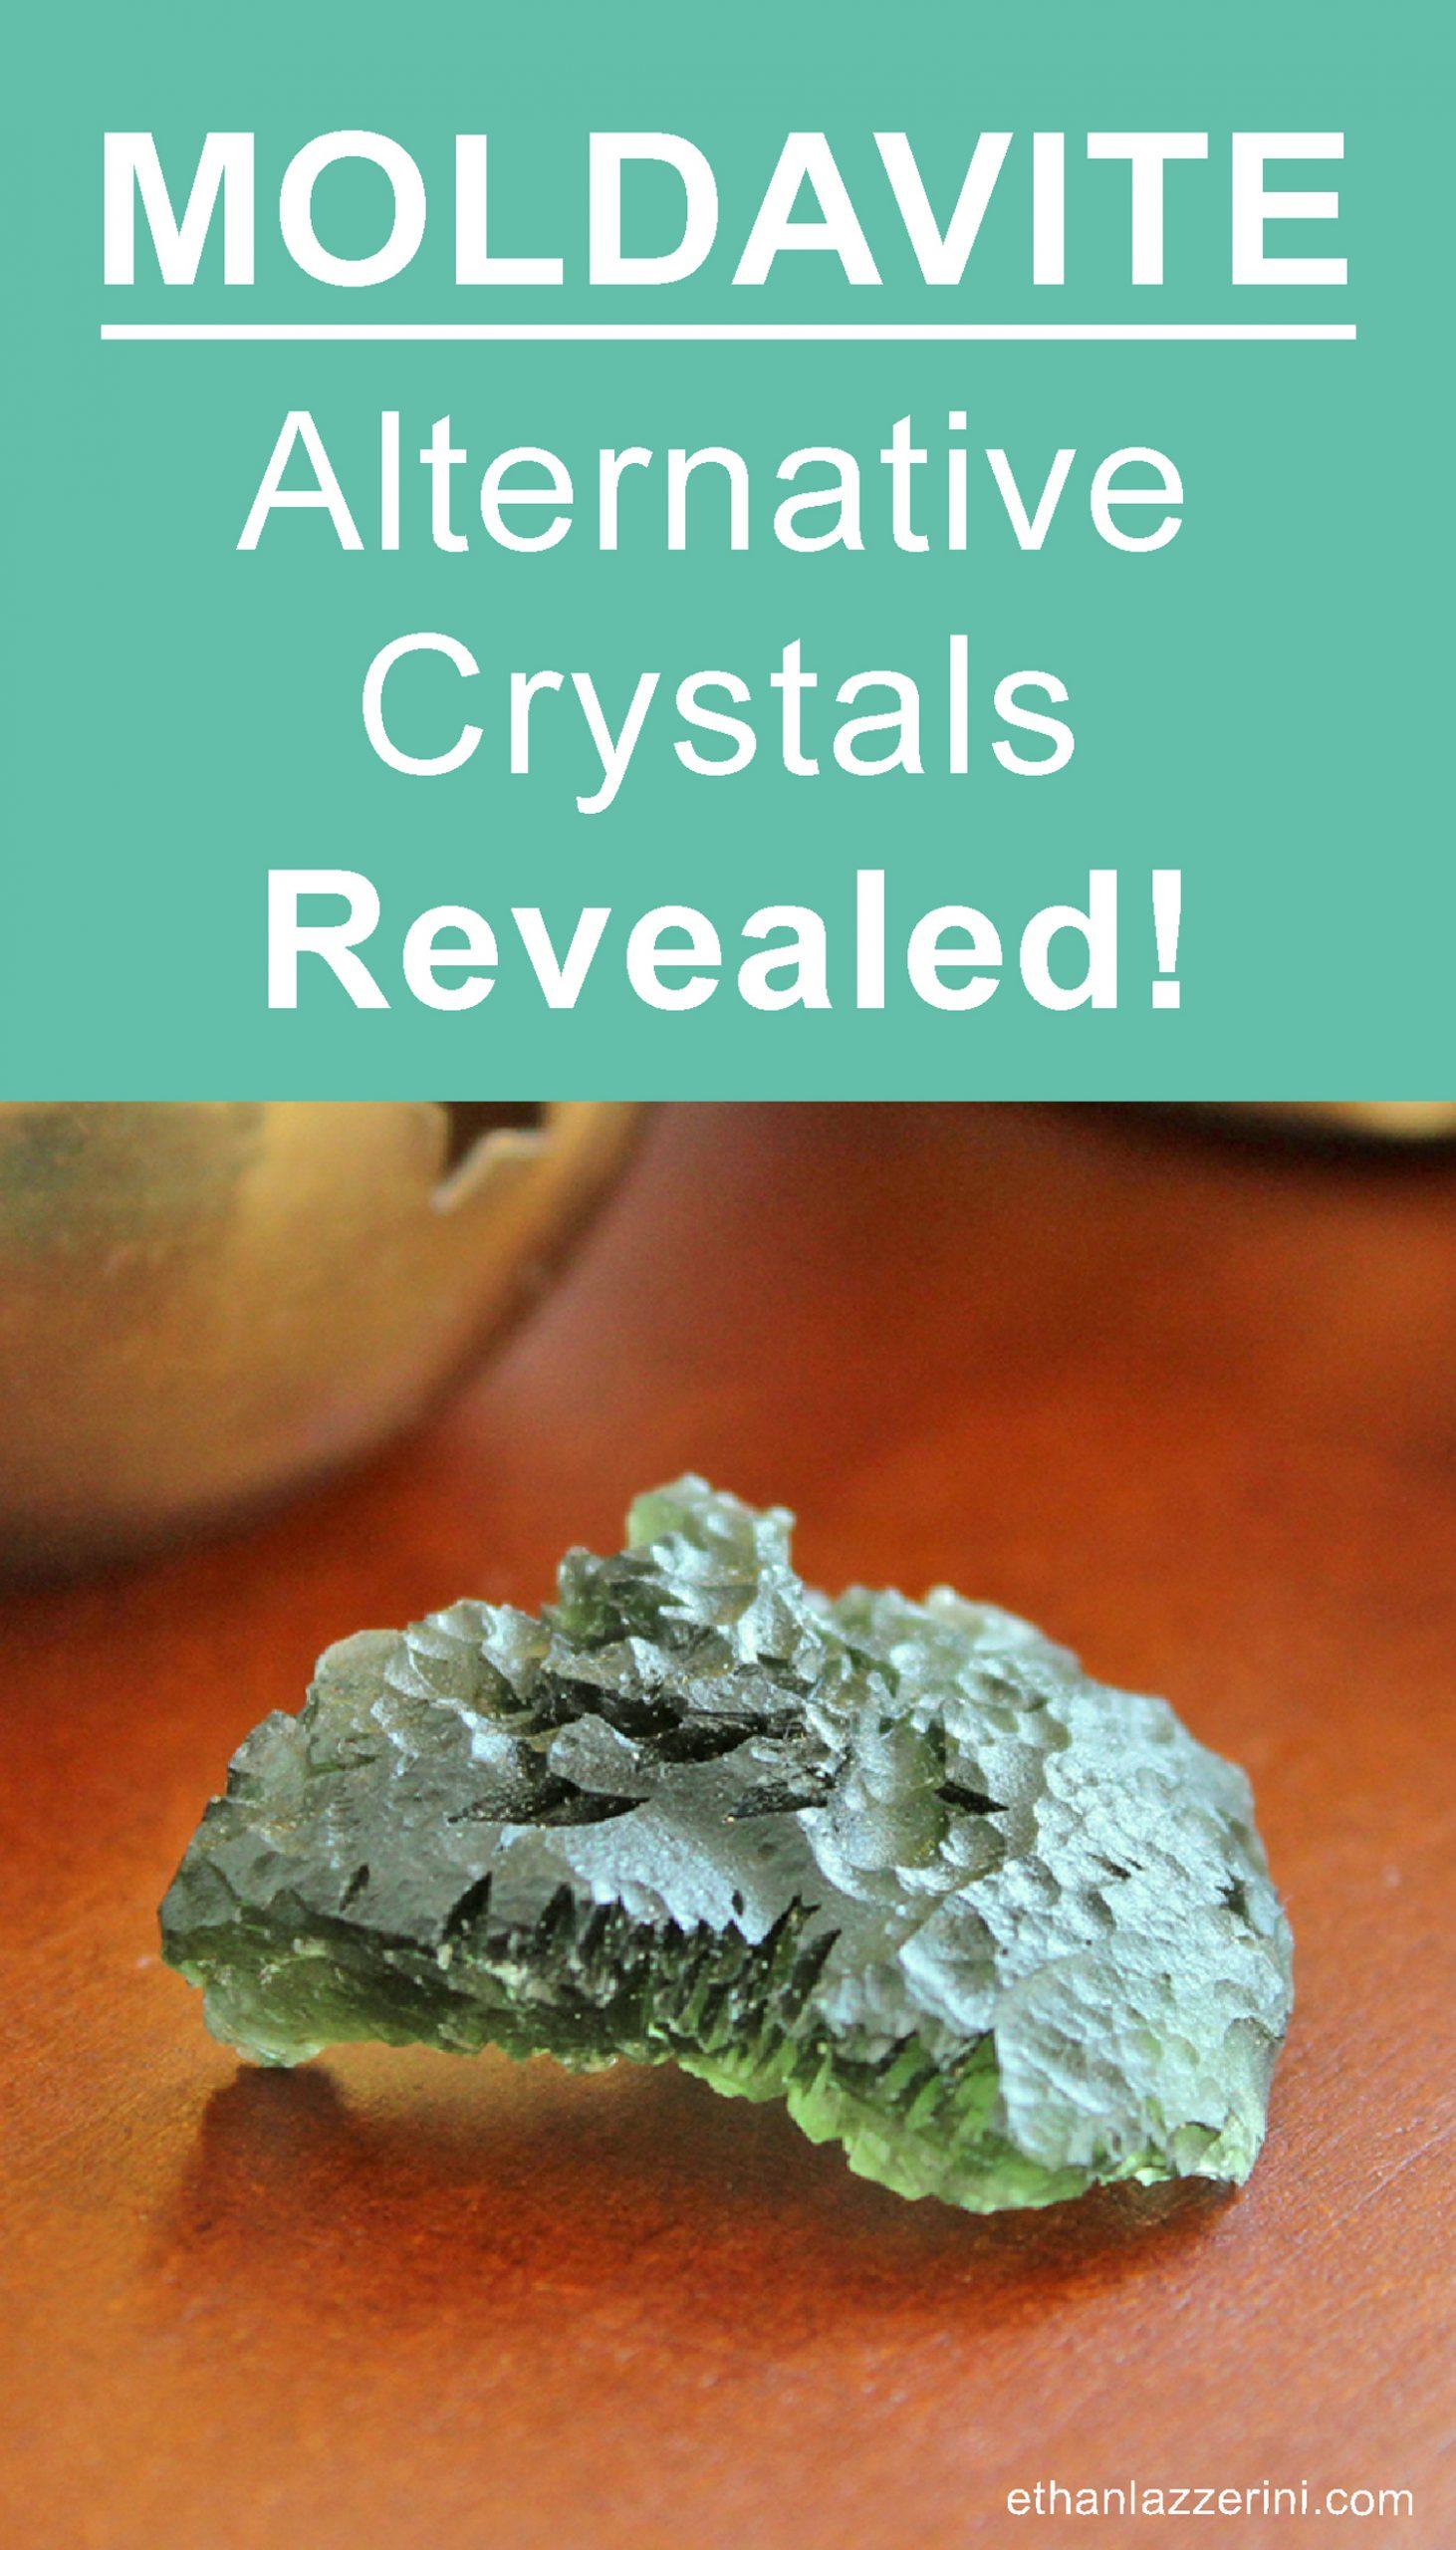 Seven Moldavite alternatives revealed